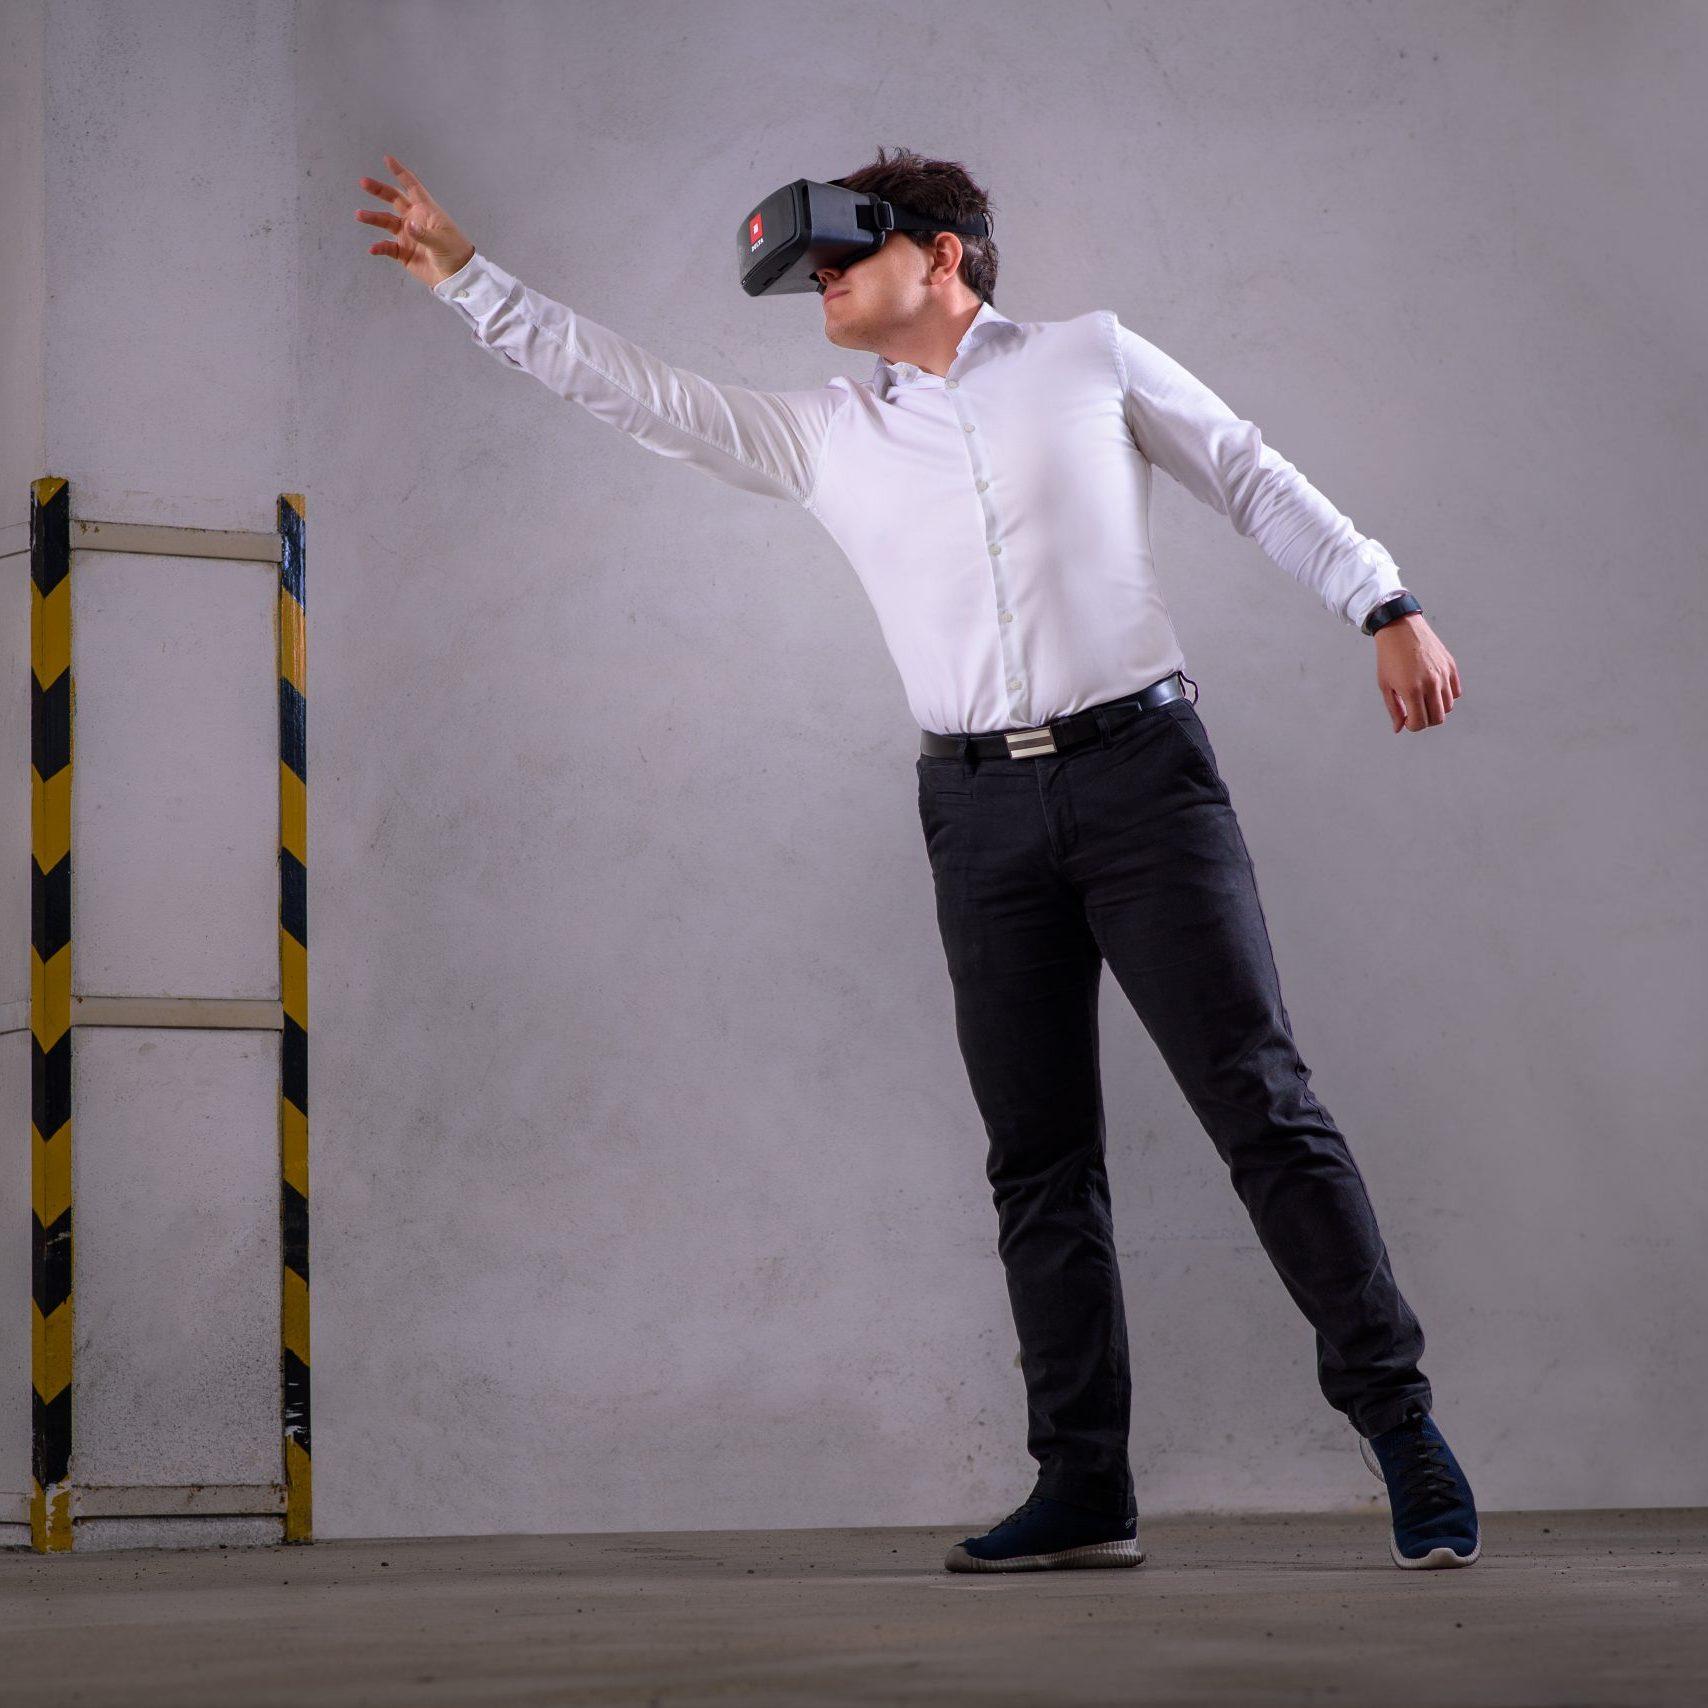 3D model budovy prezentovaný pomocí virtuálních brýlí